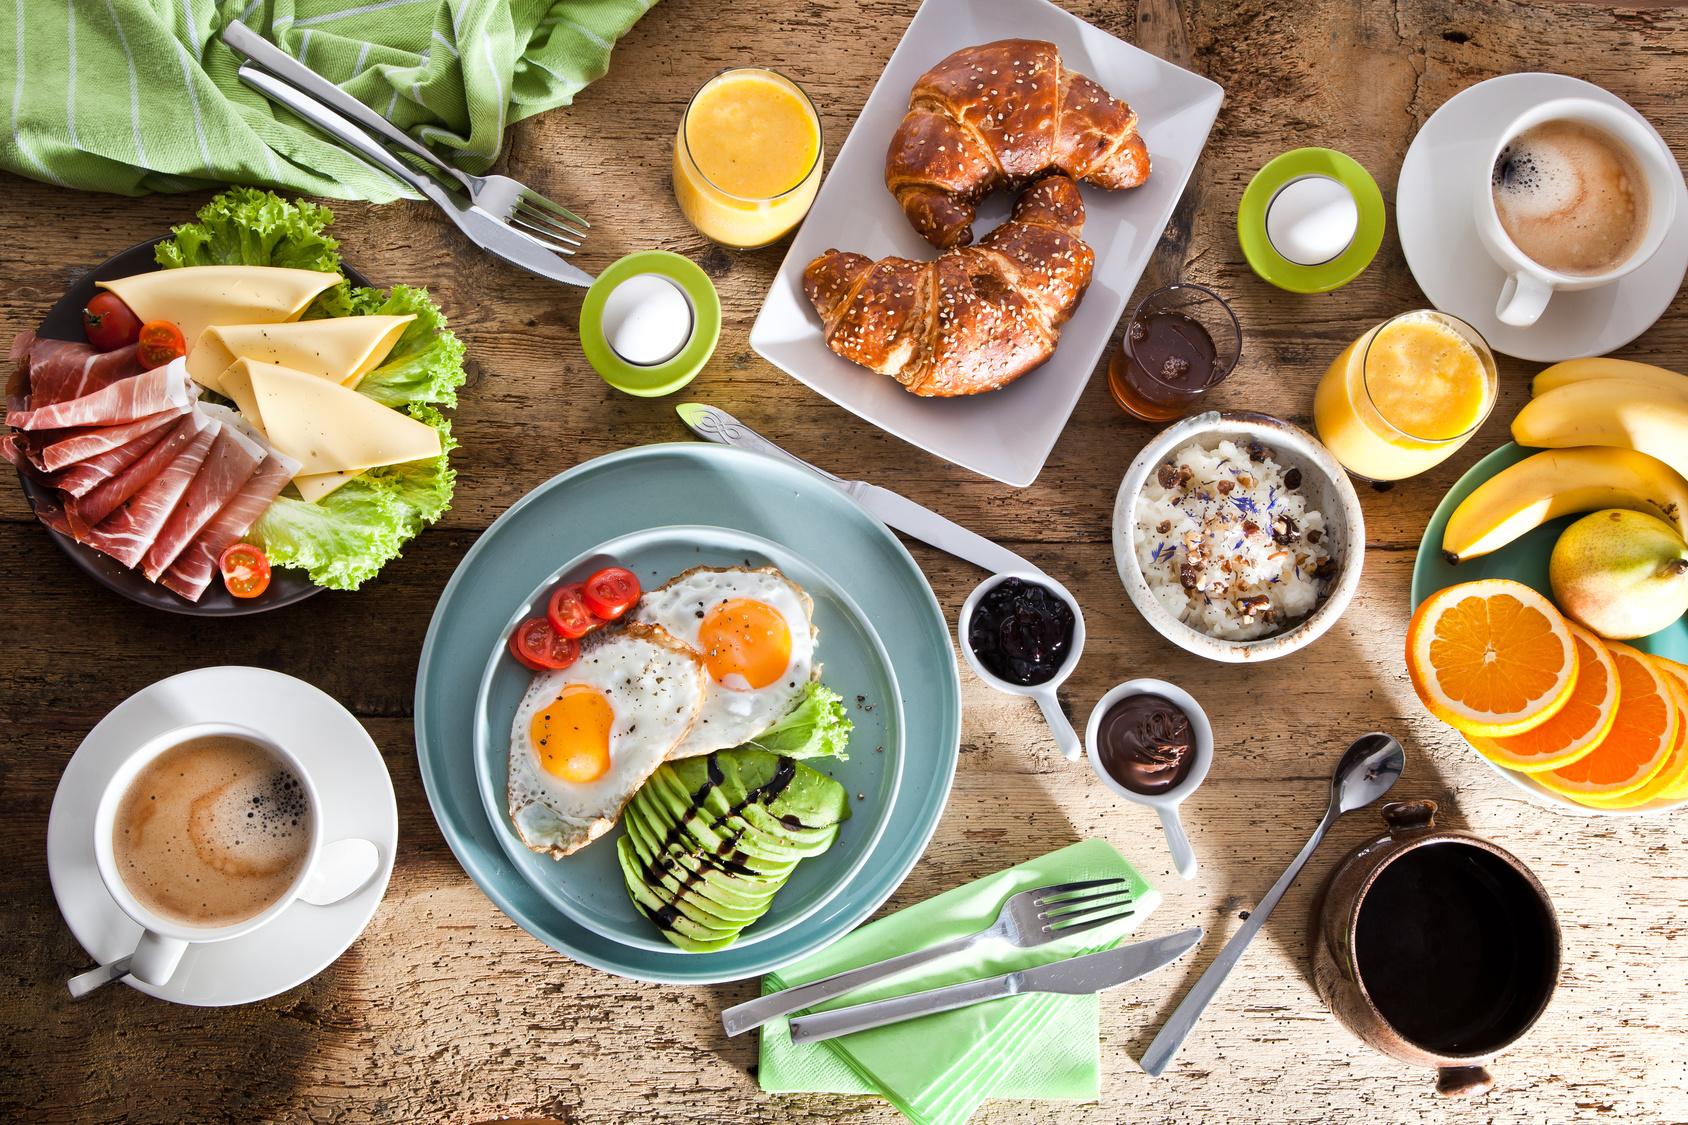 Frühstückstisch mit vielen verschiedenen Leckereien